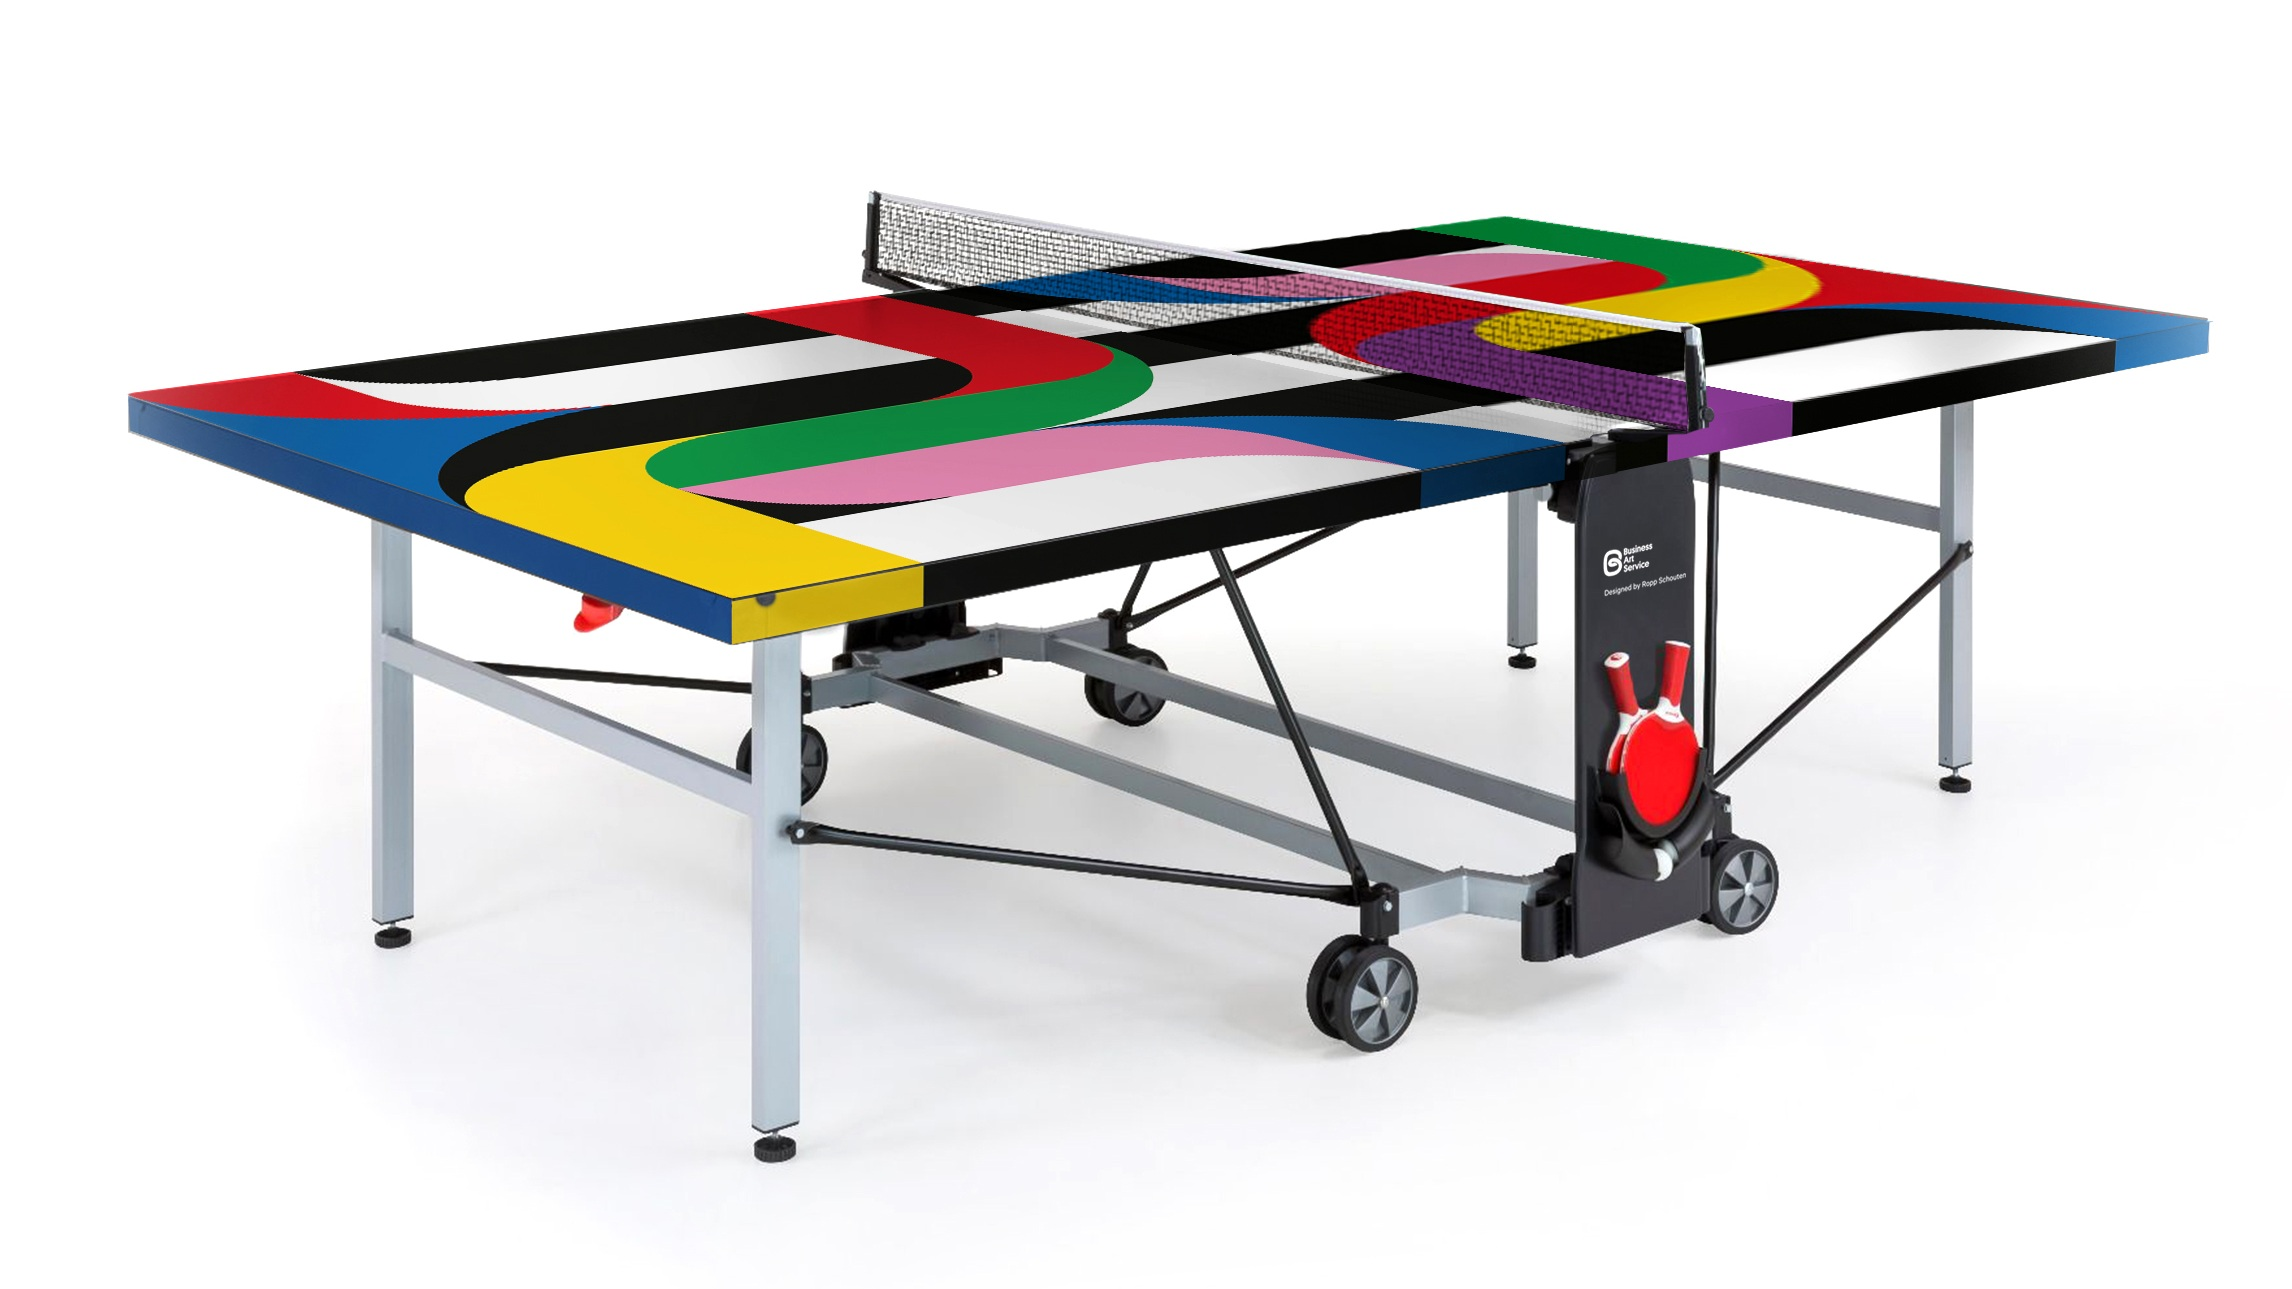 Business+Art+Service+-+Tafeltennistafel+-+Ropp+Schouten.jpg